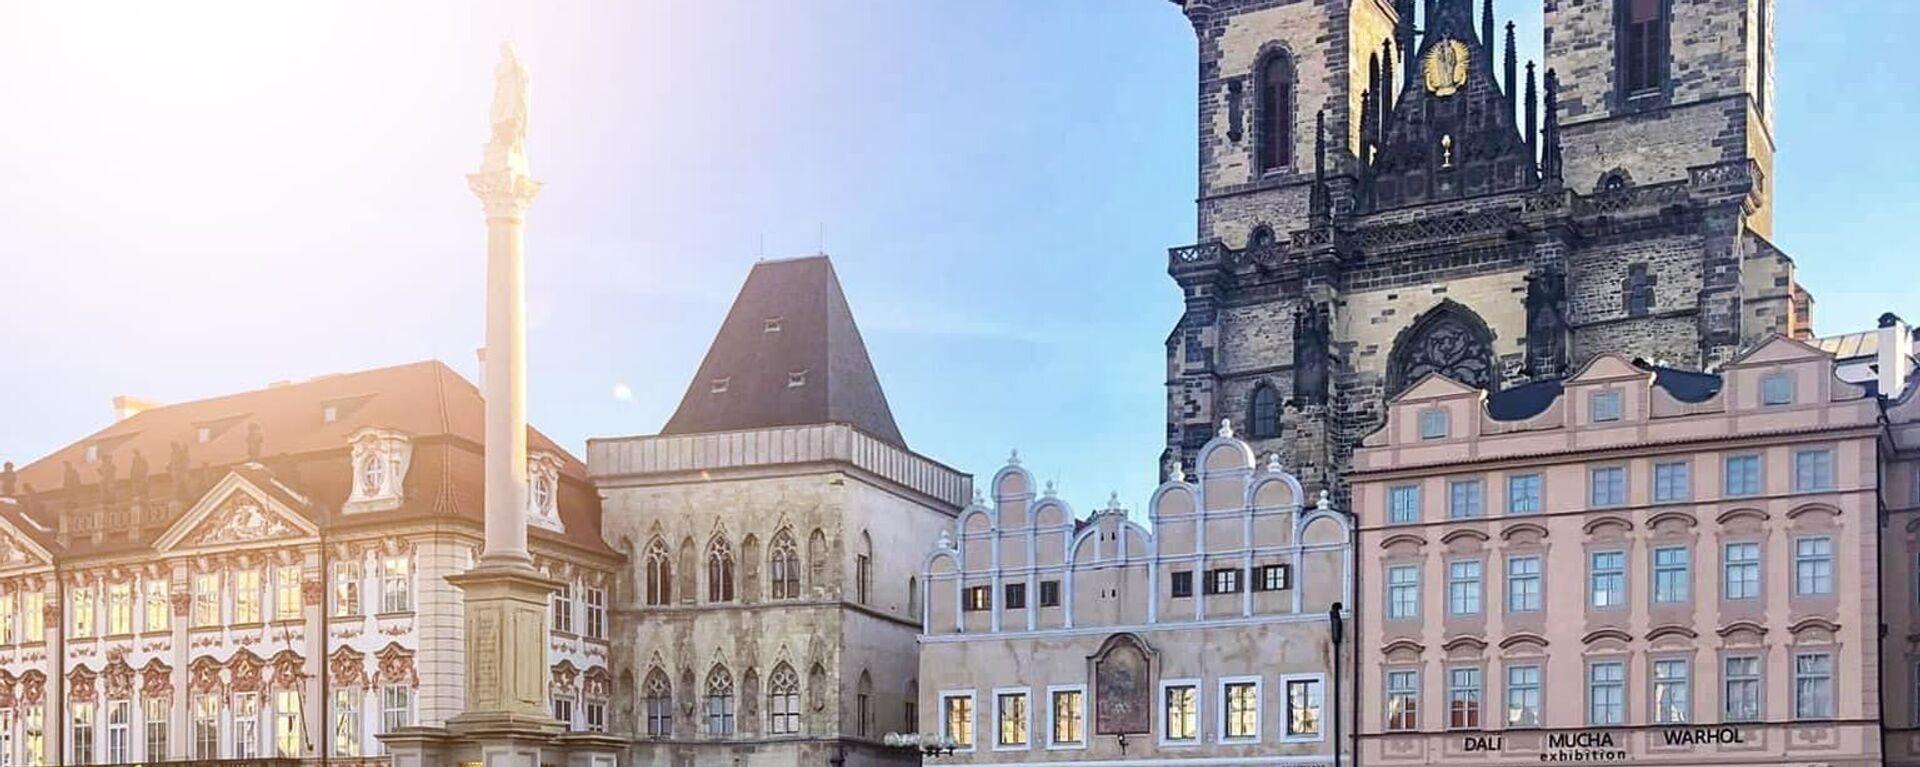 Na Staroměstském náměstí se objevilo 25 tisíc křížů symbolizující oběti covidu-19 - Sputnik Česká republika, 1920, 14.06.2021